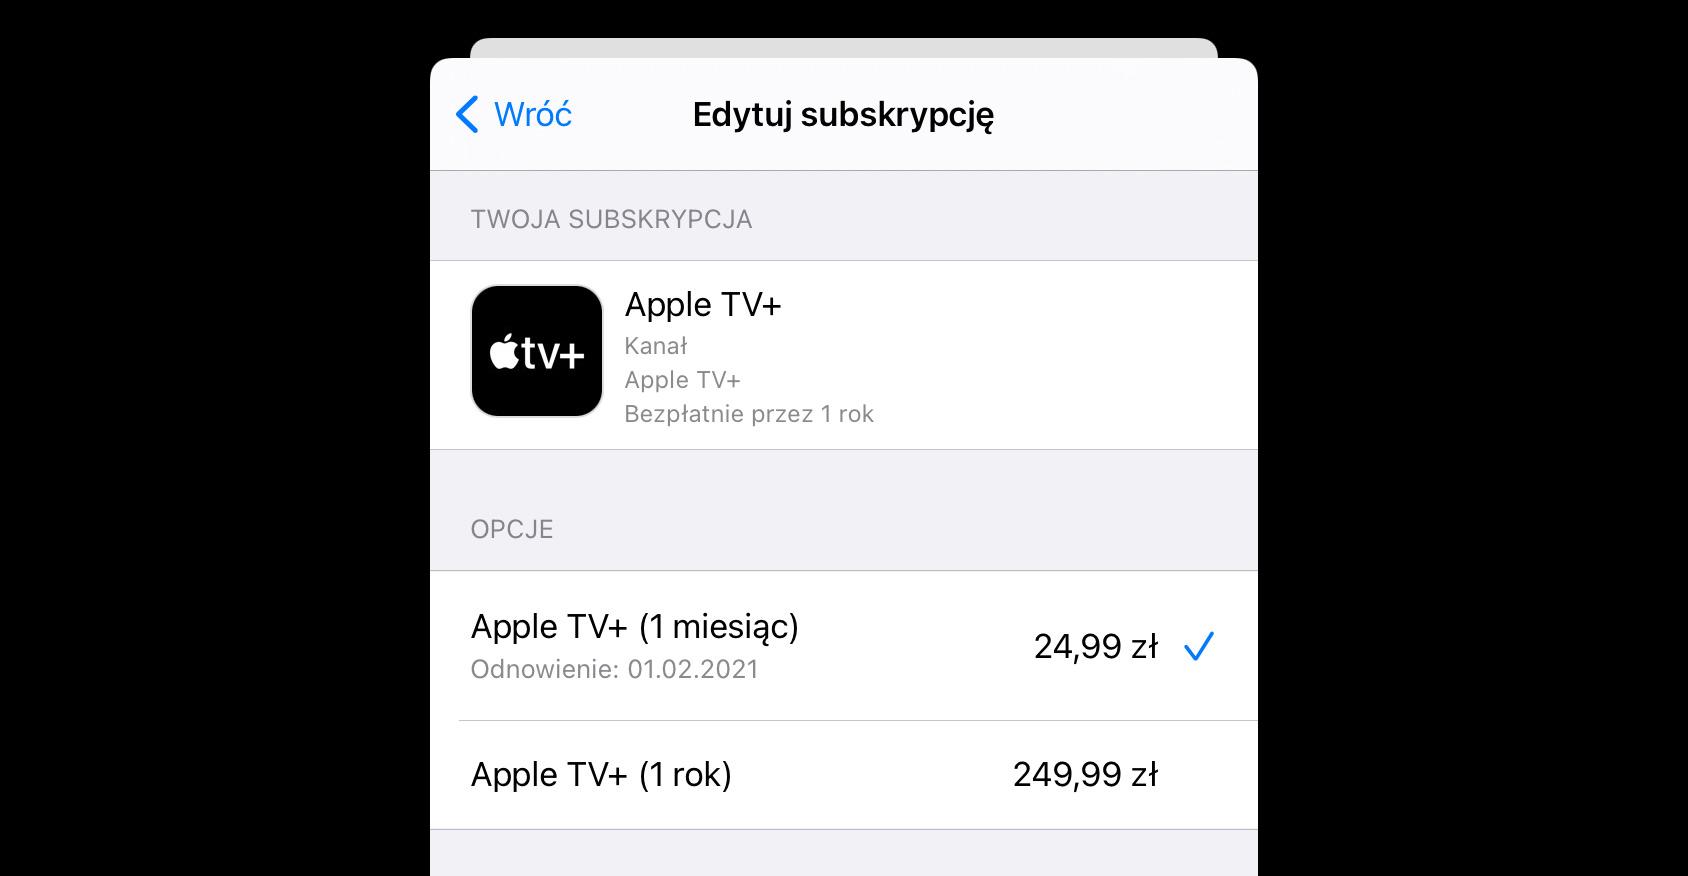 subskrypcja apple tv+